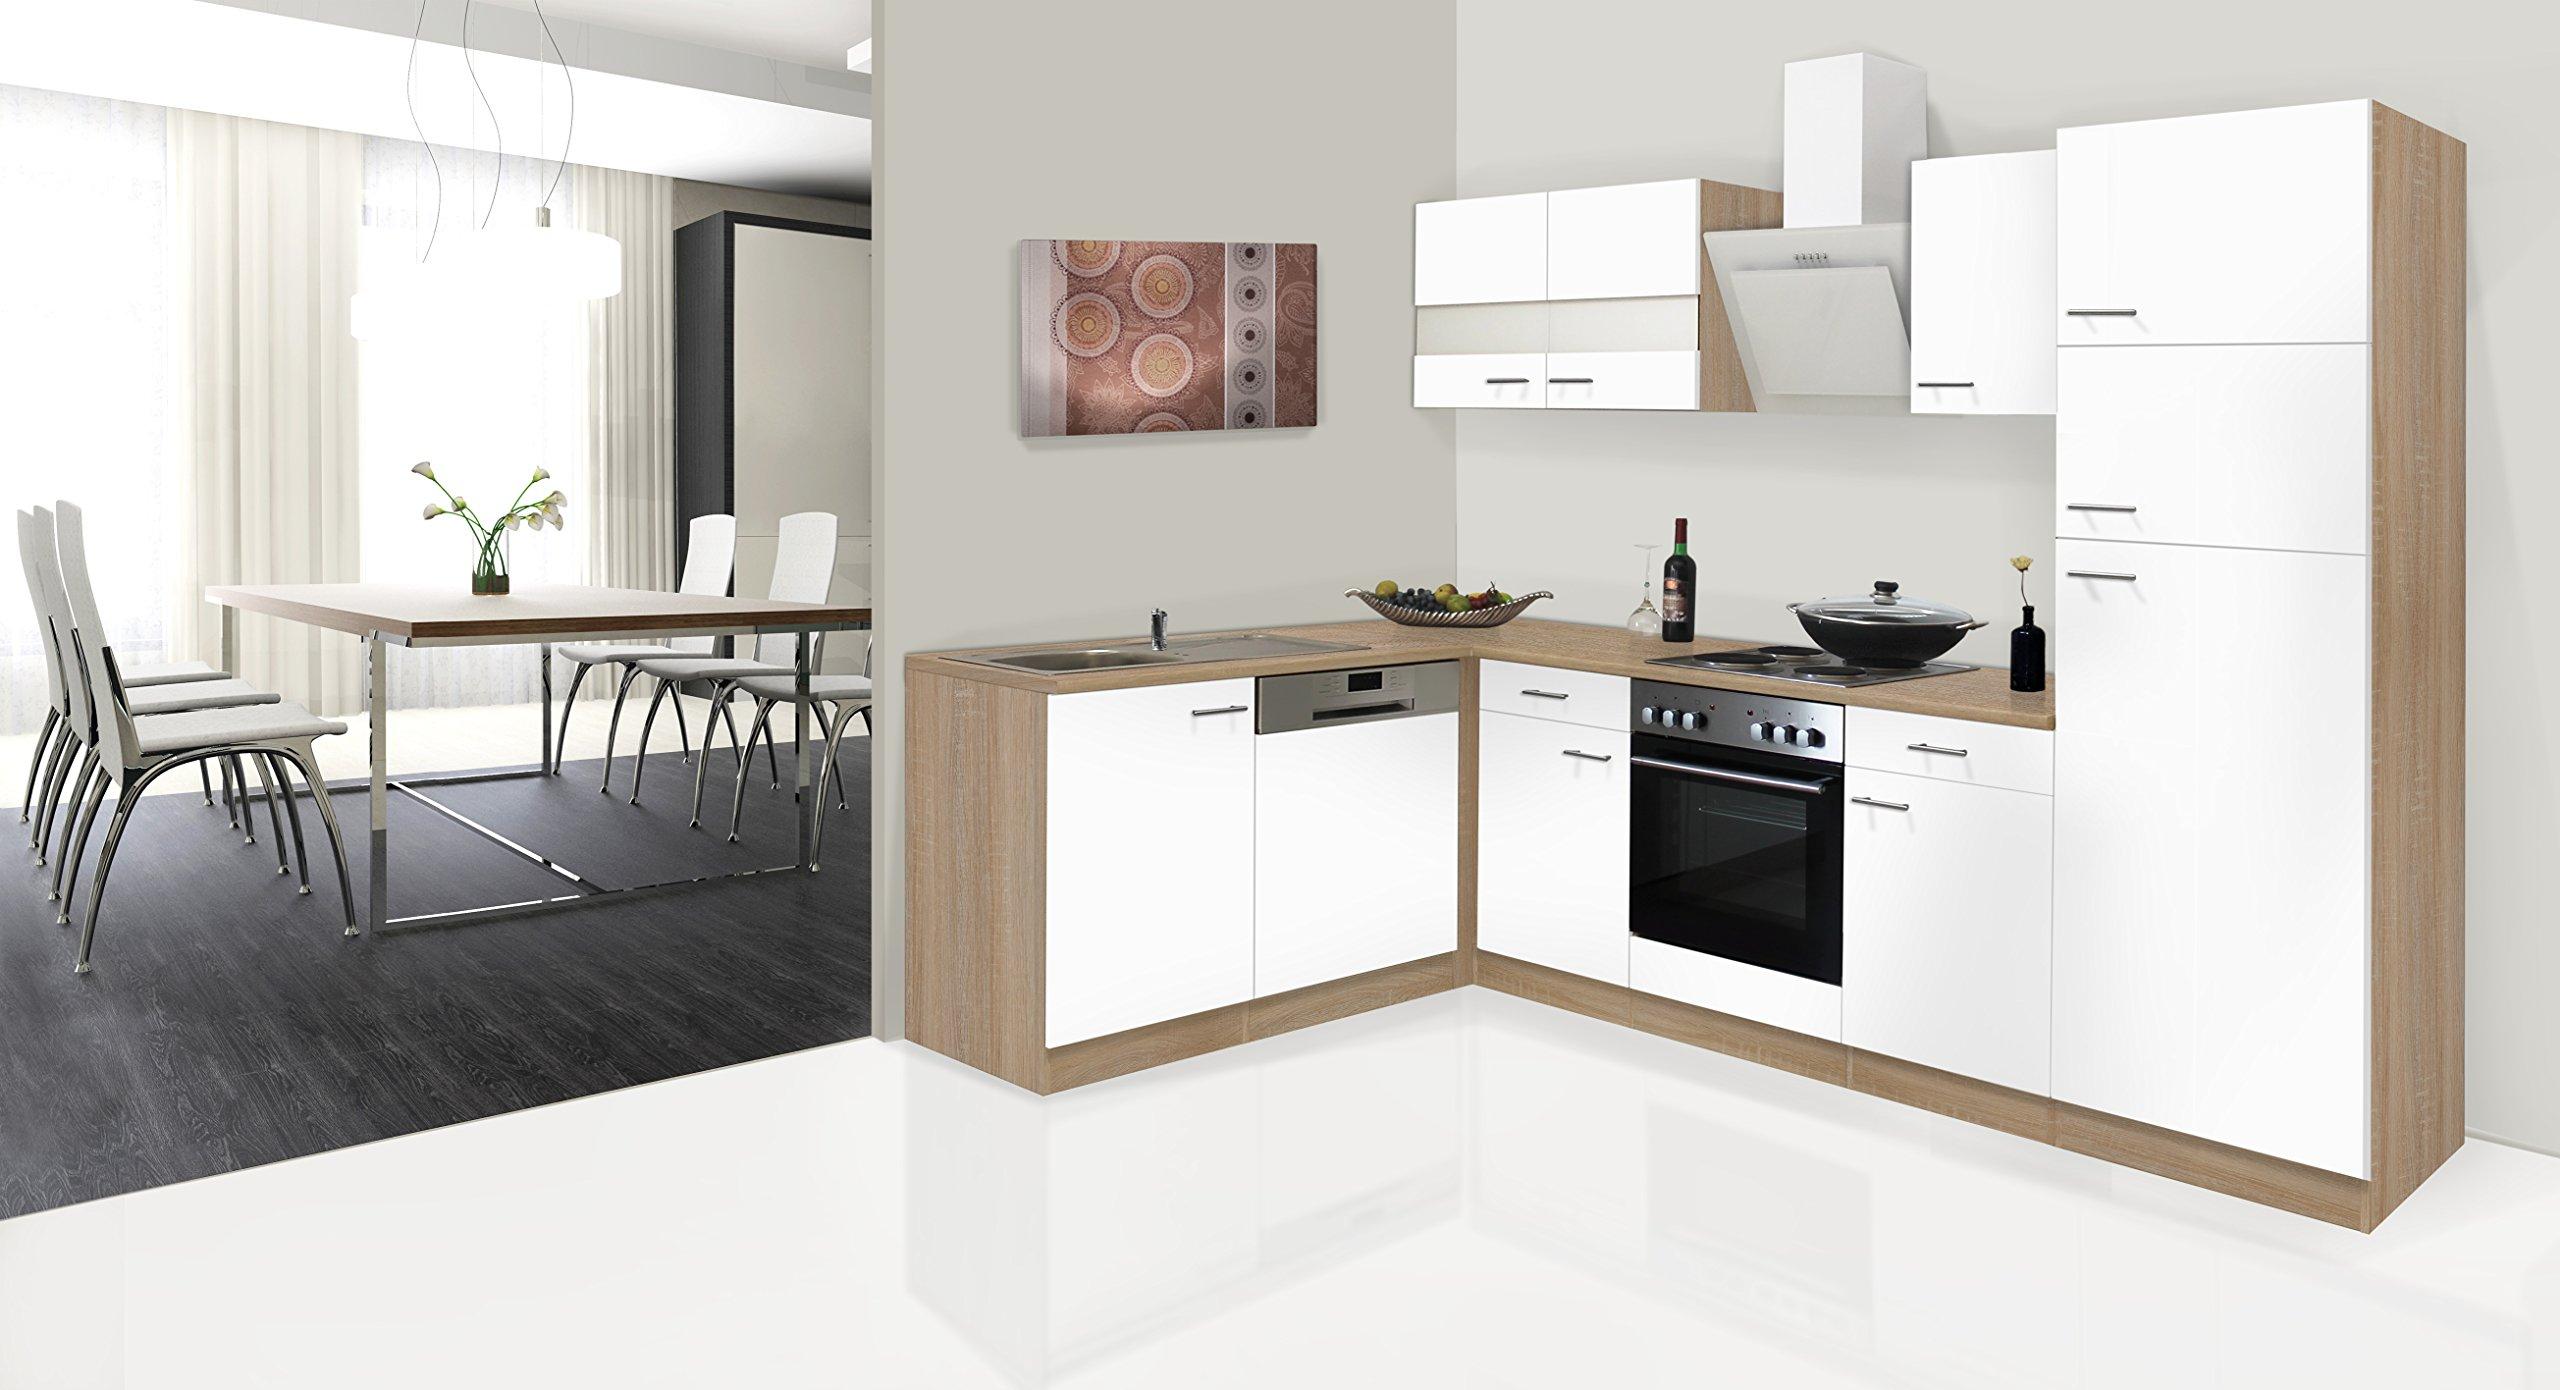 respekta Economy - Mueble para Cocina en ángulo en L Blanco 280 x 172 cm Incluye Campana de diseño: Amazon.es: Hogar